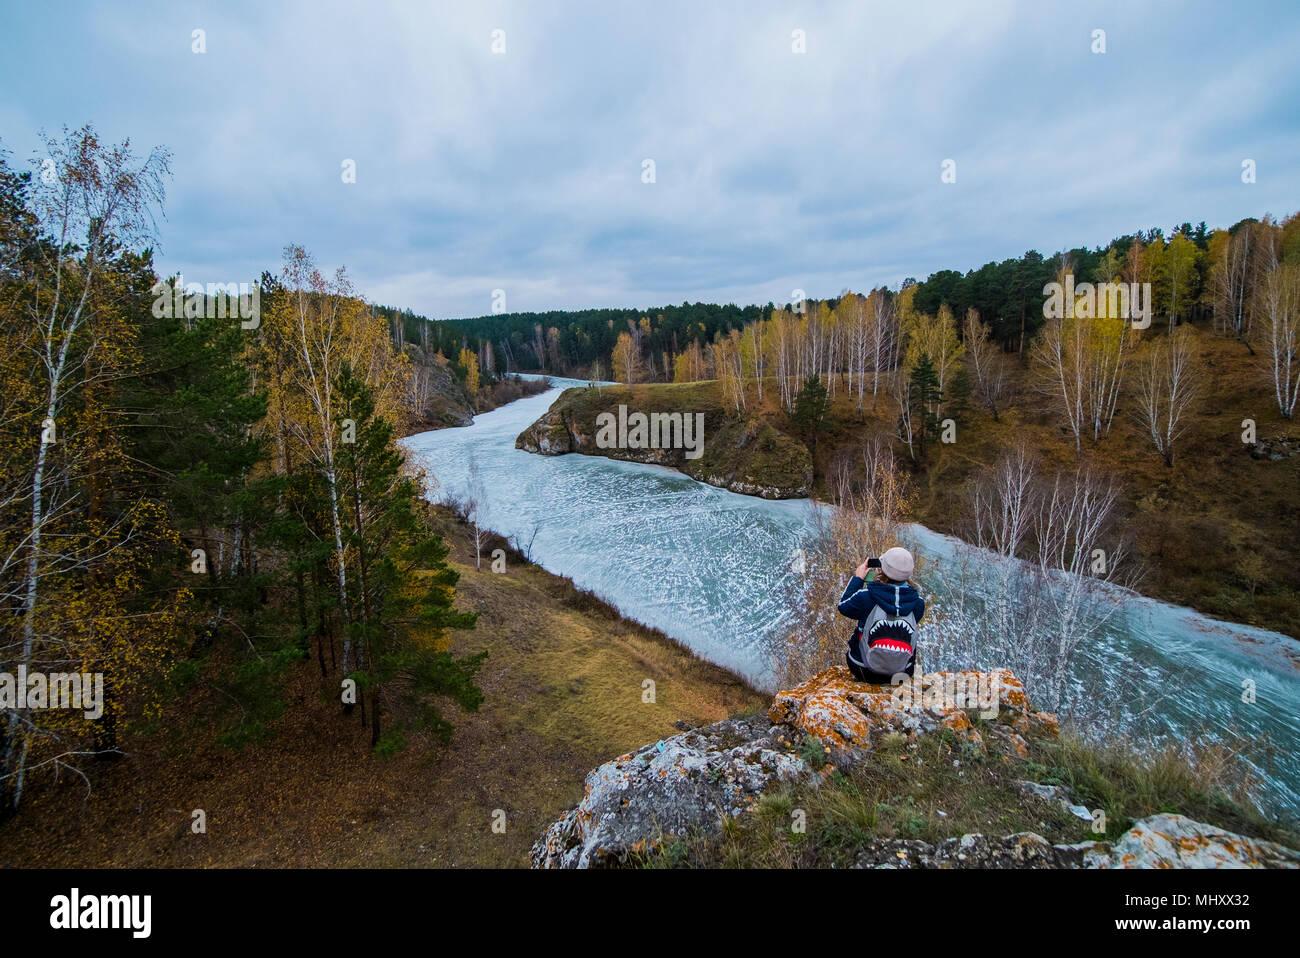 In elevazione posteriore della giovane donna escursionista fotografare fiume dalle rocce, Kislokan, Evenk, Russia Immagini Stock